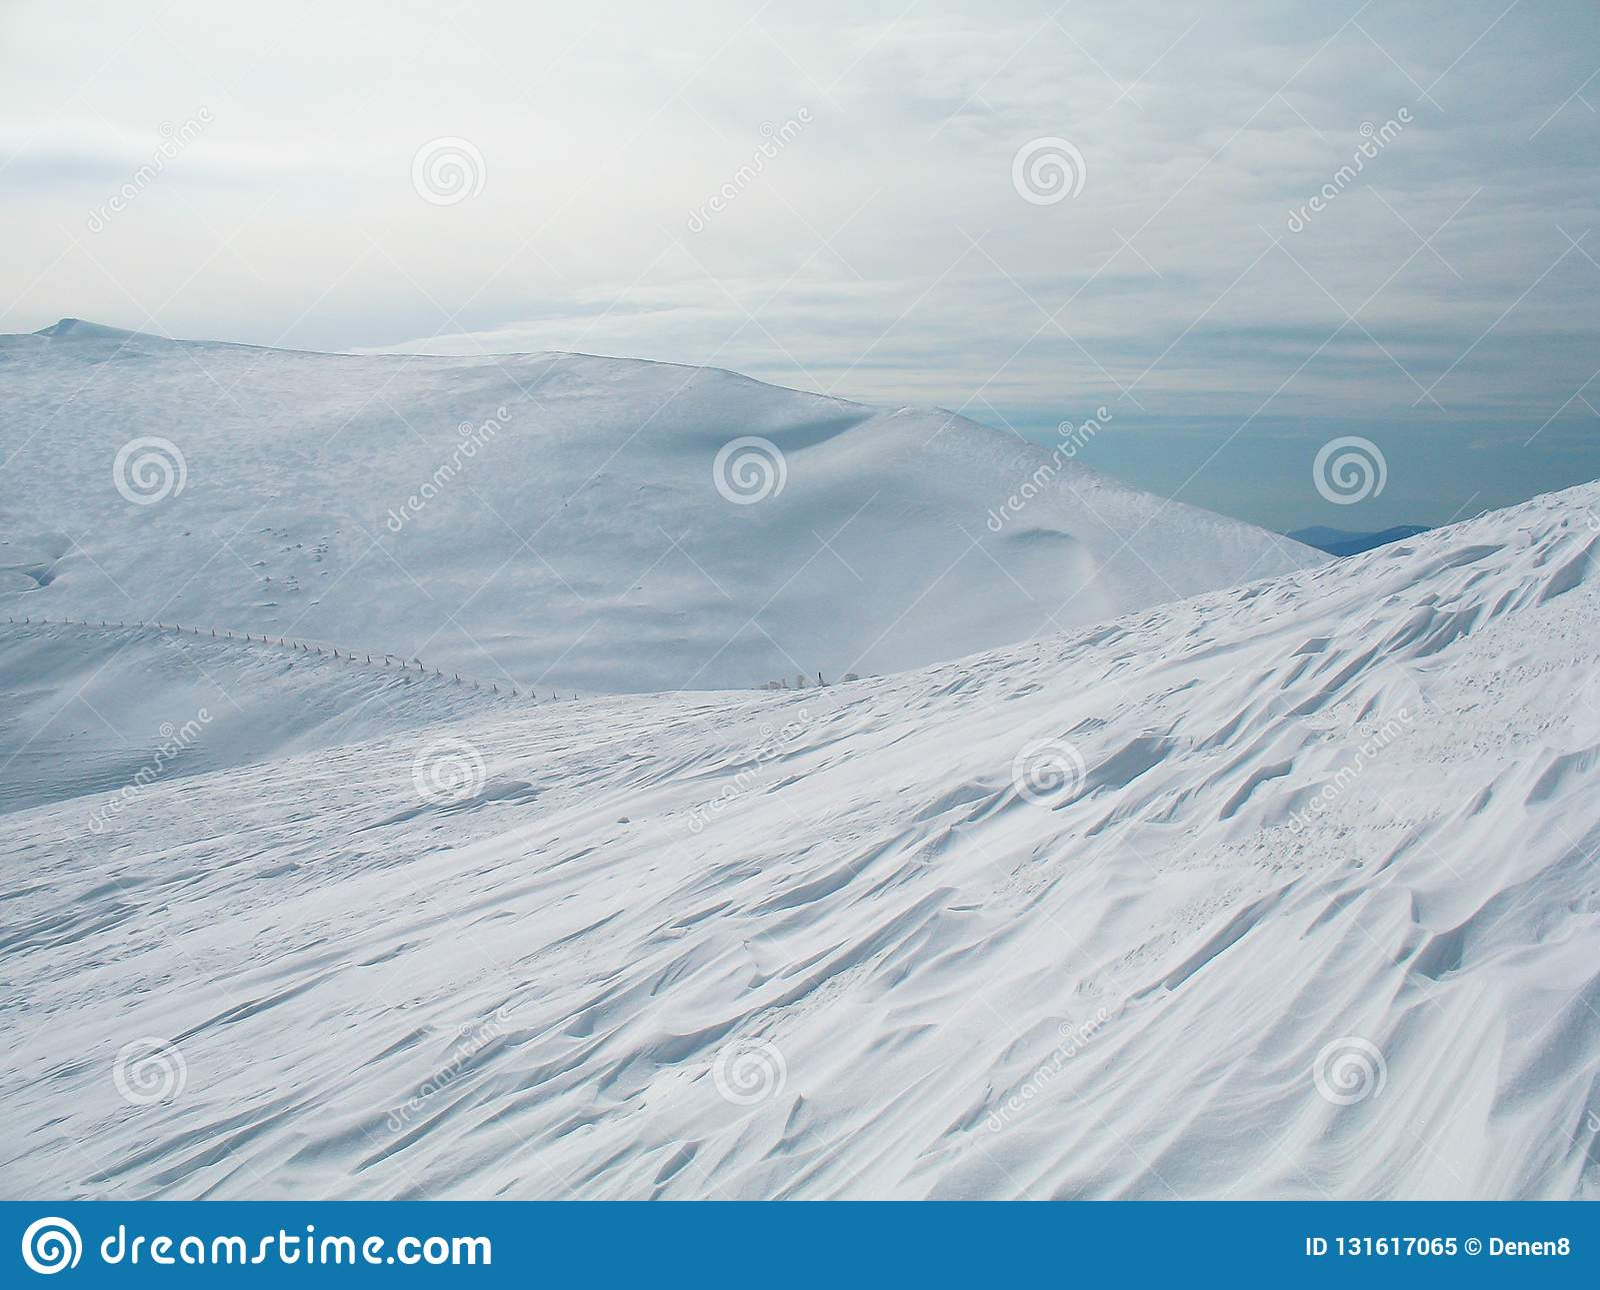 Weißer Schnee umfasste Bergspitzen auf Hoch Kalter Winterhintergrund